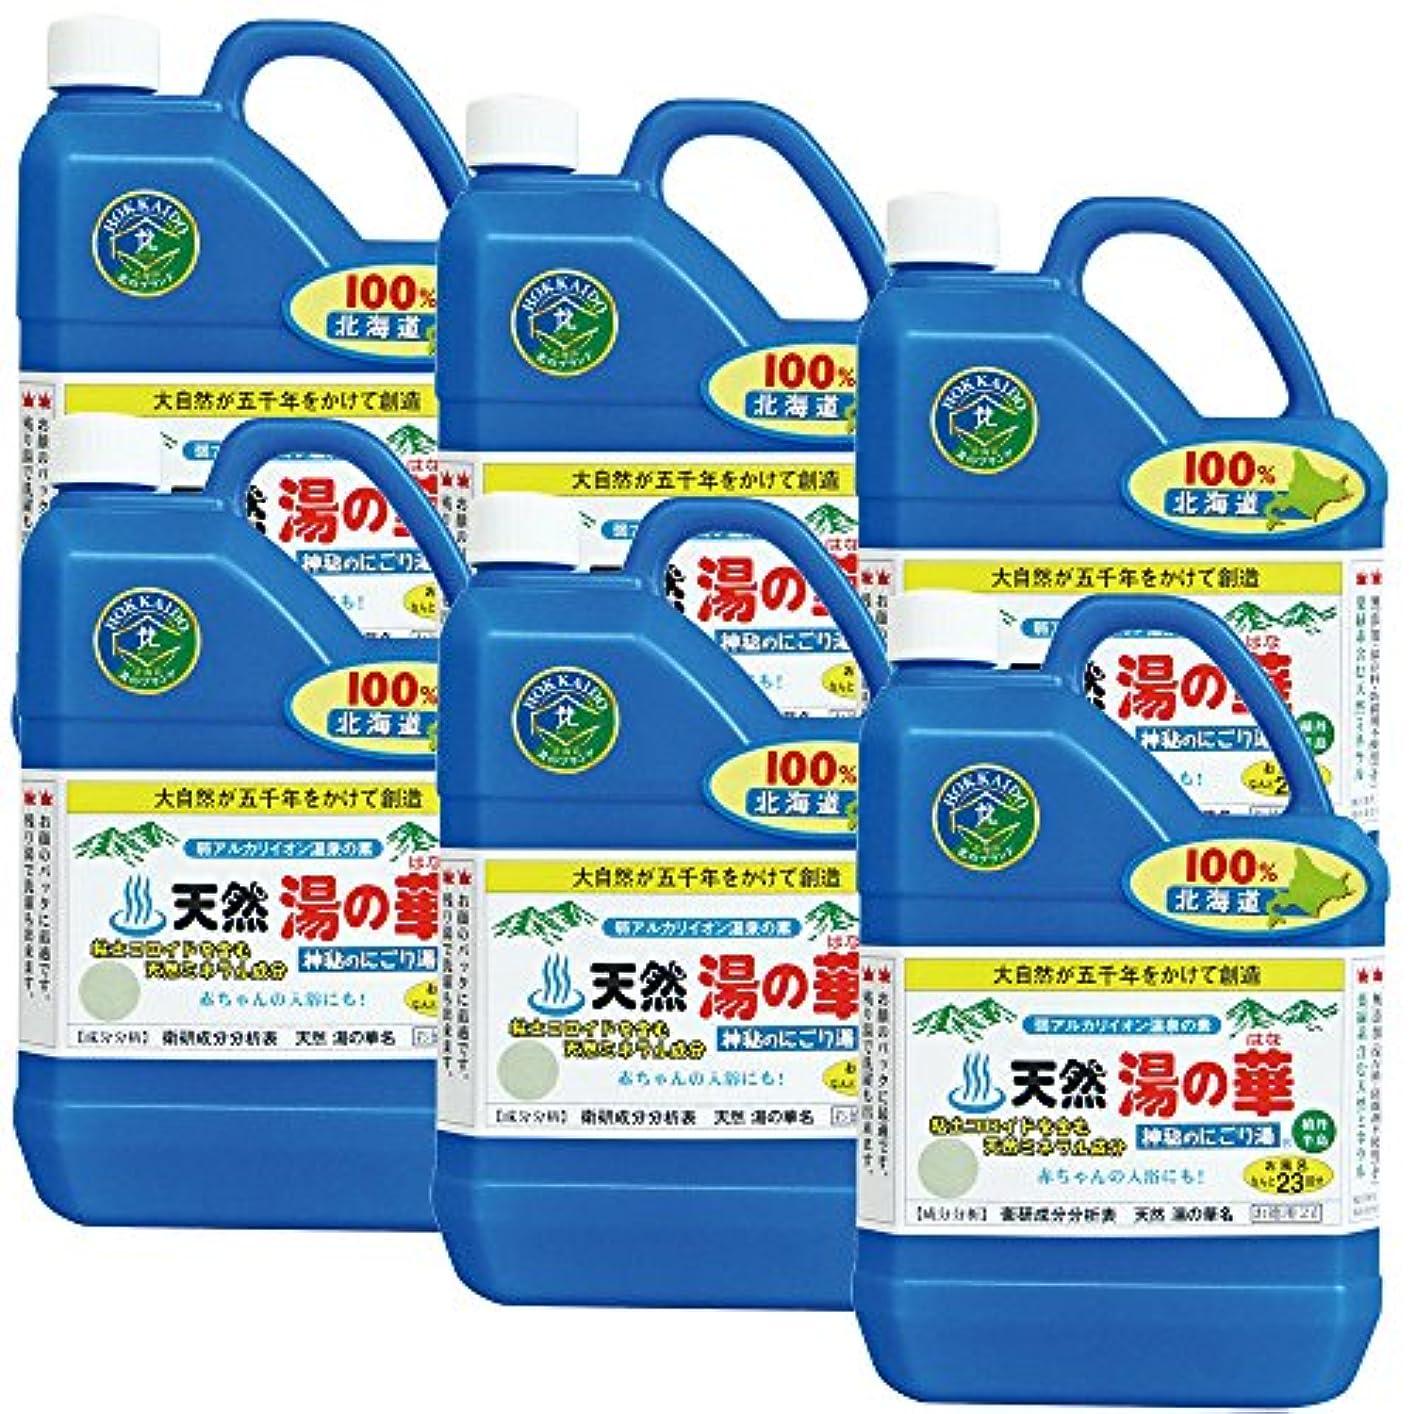 タクト従者生物学天然湯の華 23回分 6本セット